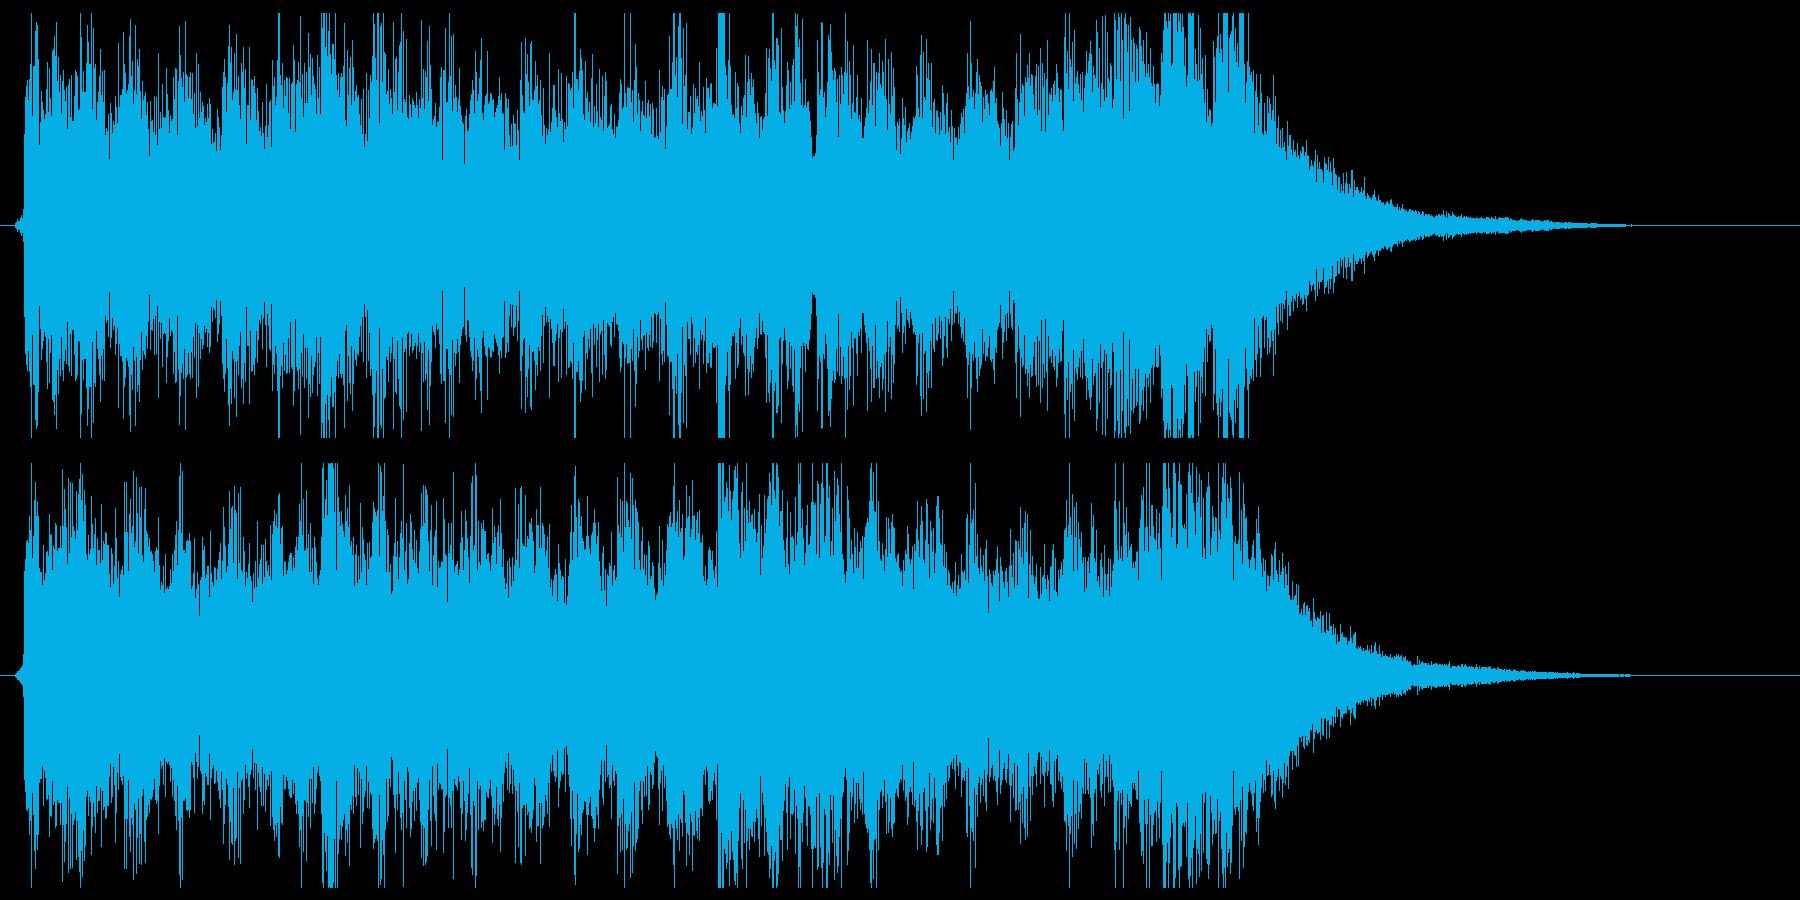 シンセとクワイヤーのサウンドロゴの再生済みの波形